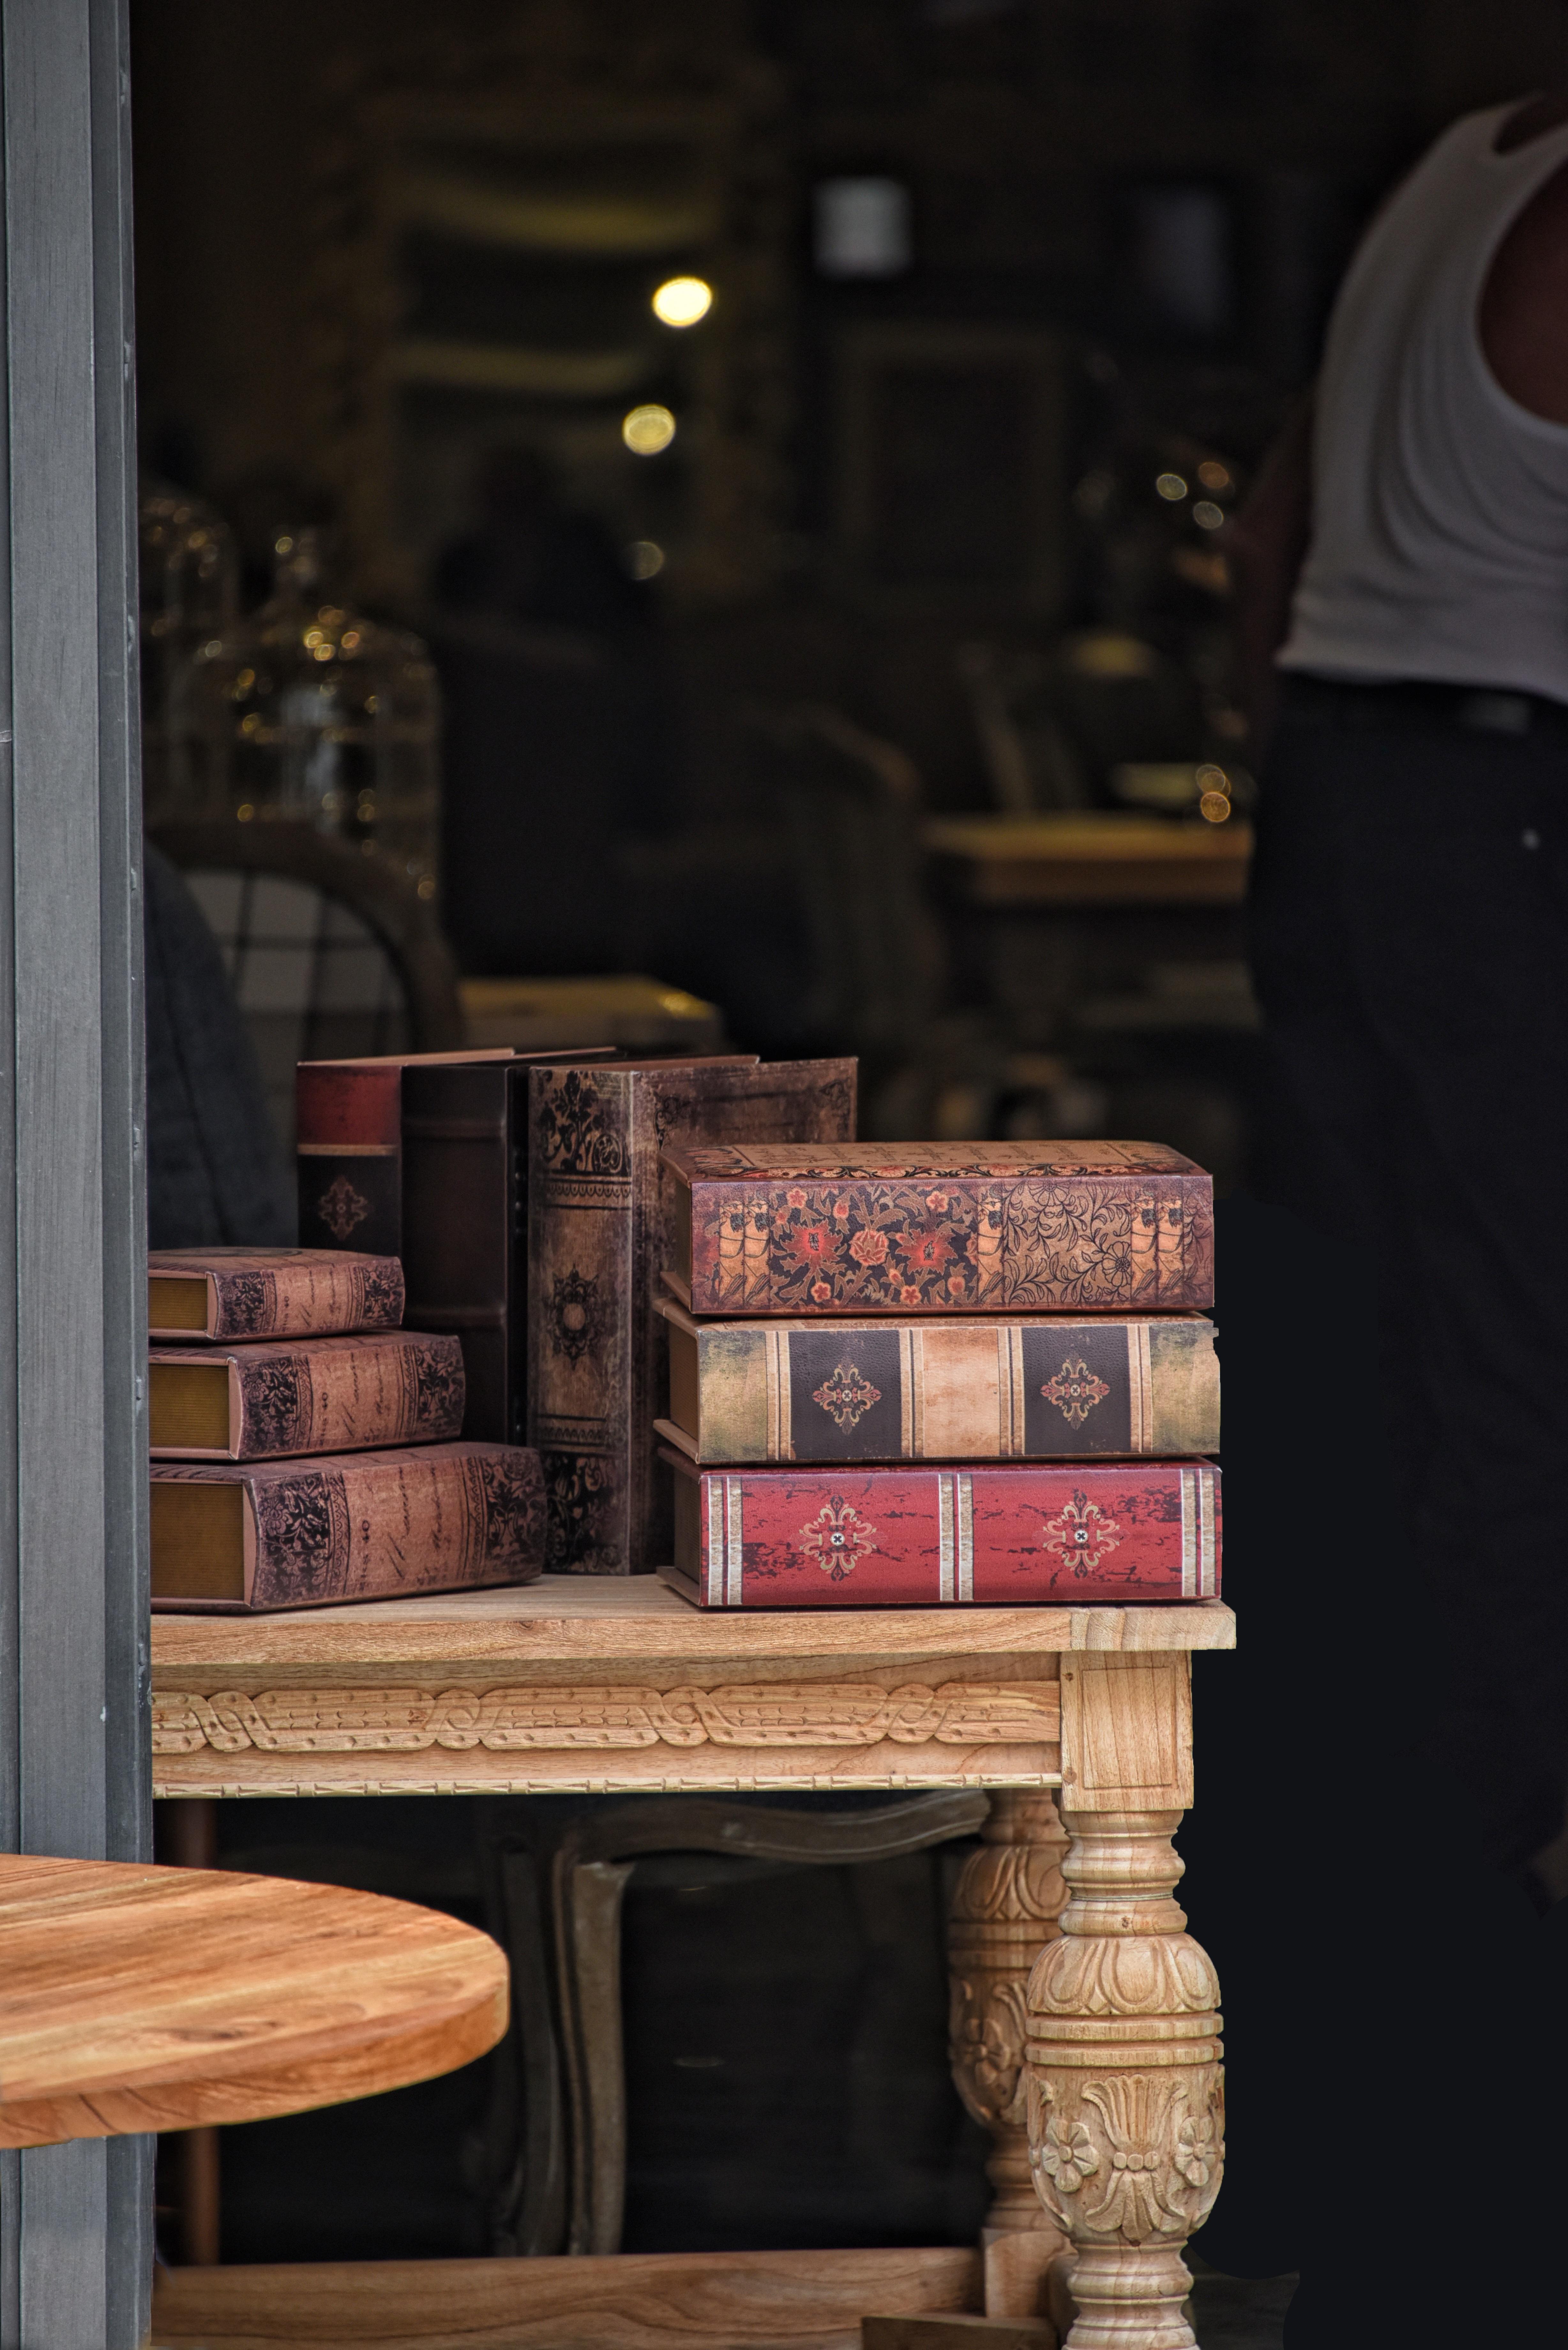 Fotos Gratis Madera Mueble Historia Librero Libros Viejos  # Muebles Viejos Gratis